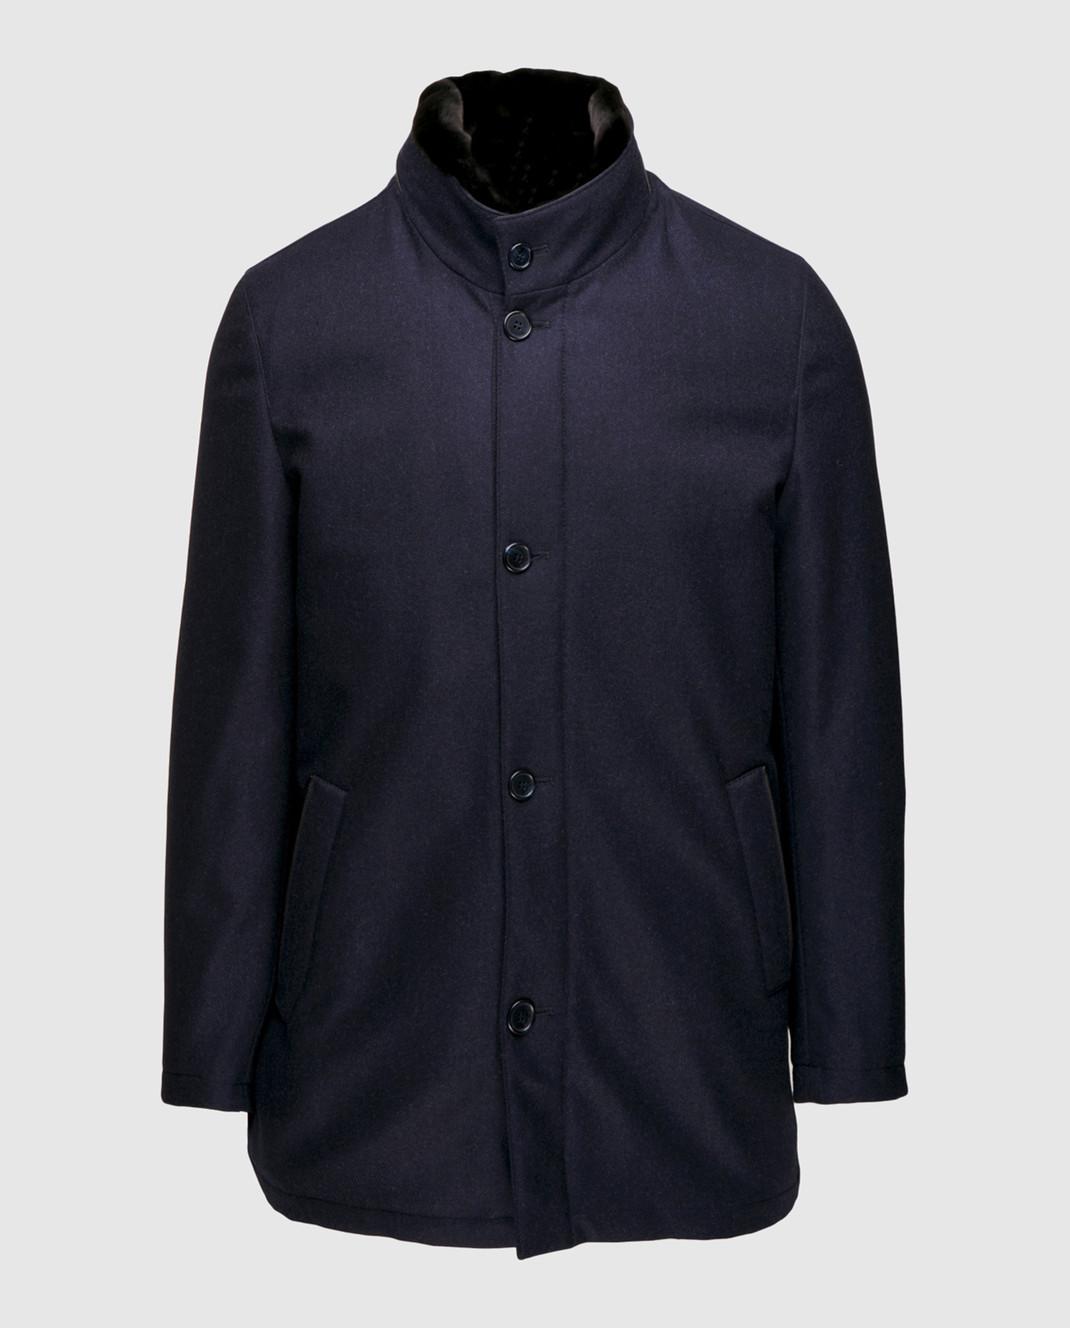 Enrico Mandelli Синяя куртка из шерсти и кашемира на подкладке из меха нутрии A6T762